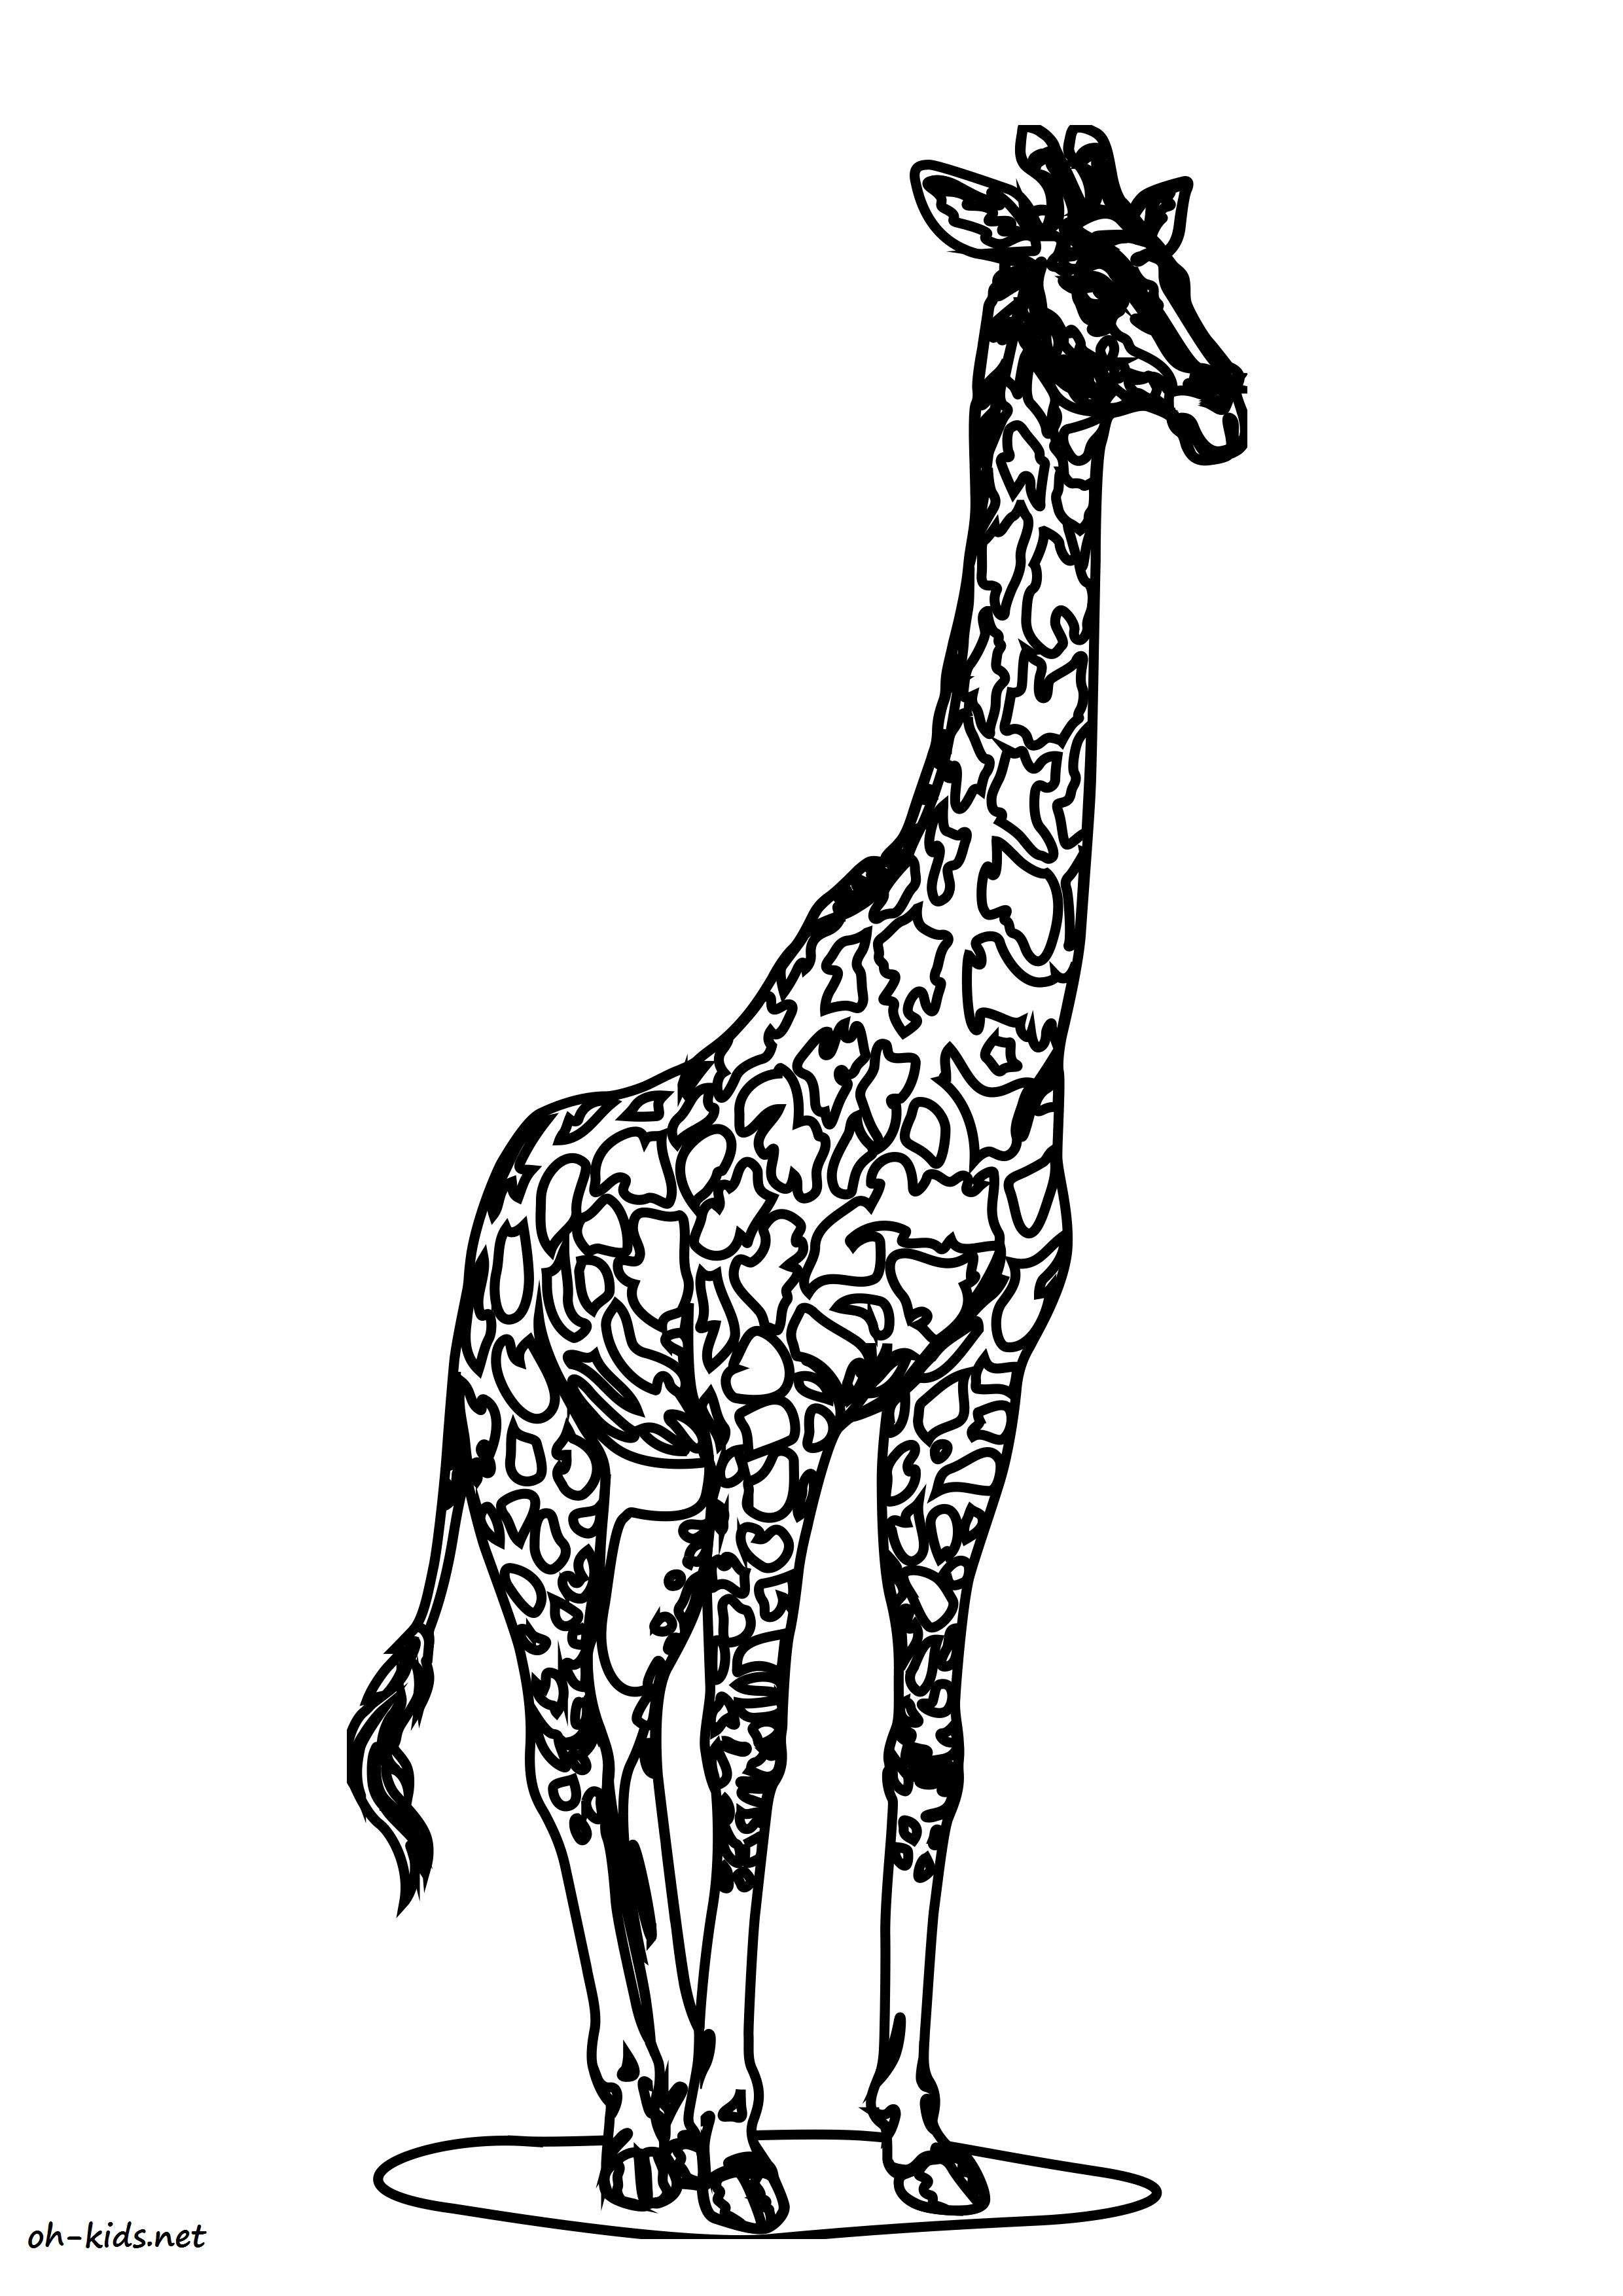 Meilleur De Image Girafe A Imprimer